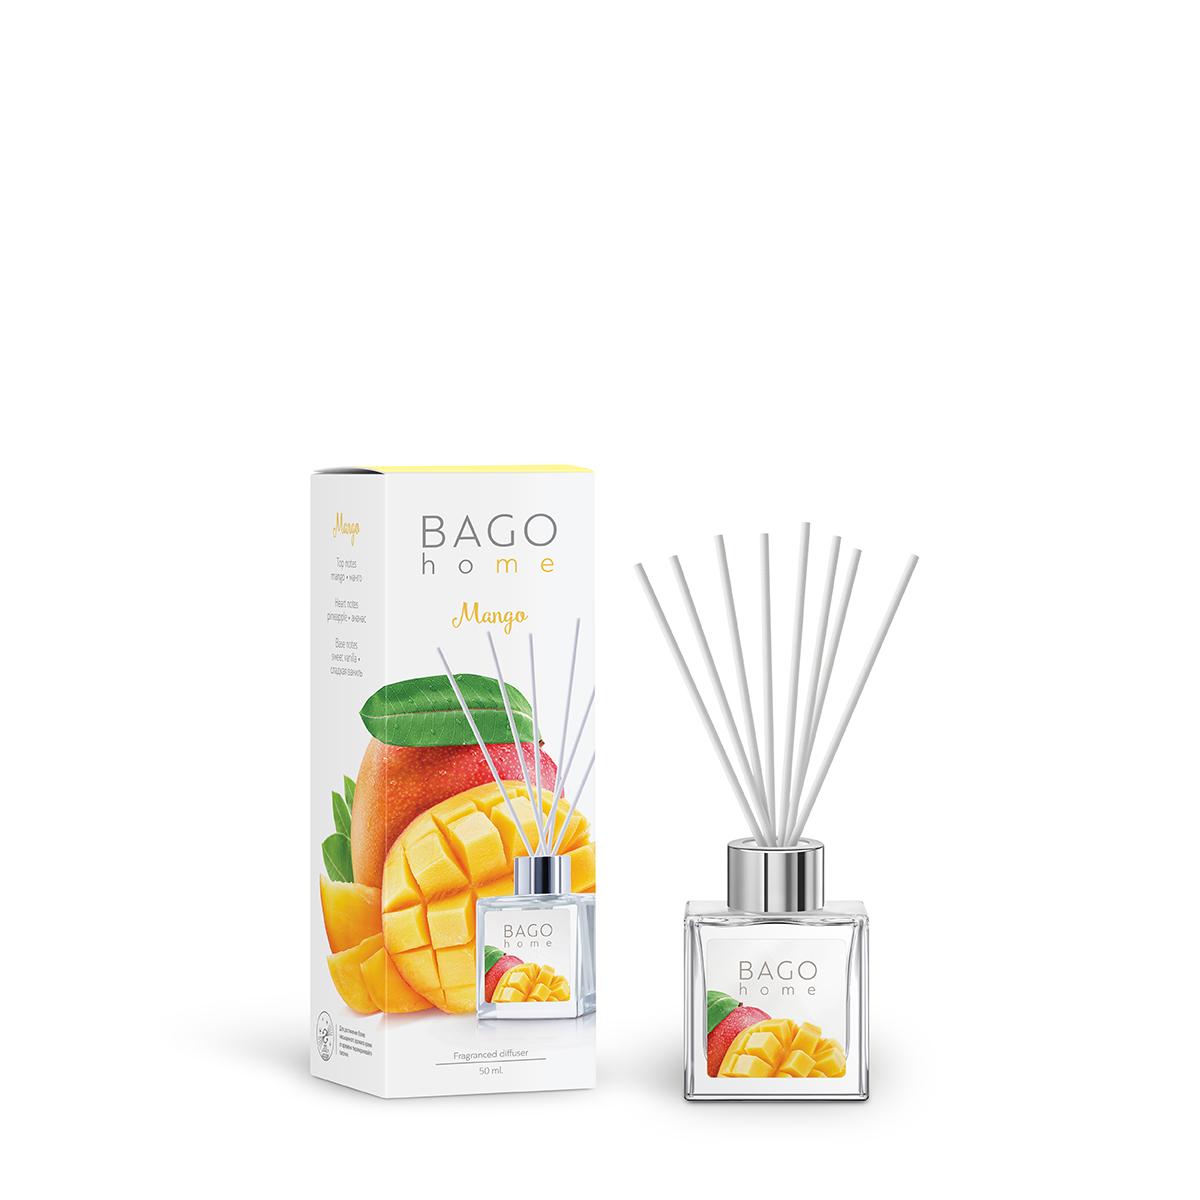 купить Ароматизатор интерьерный BAGO home Мини-диффузор ароматический